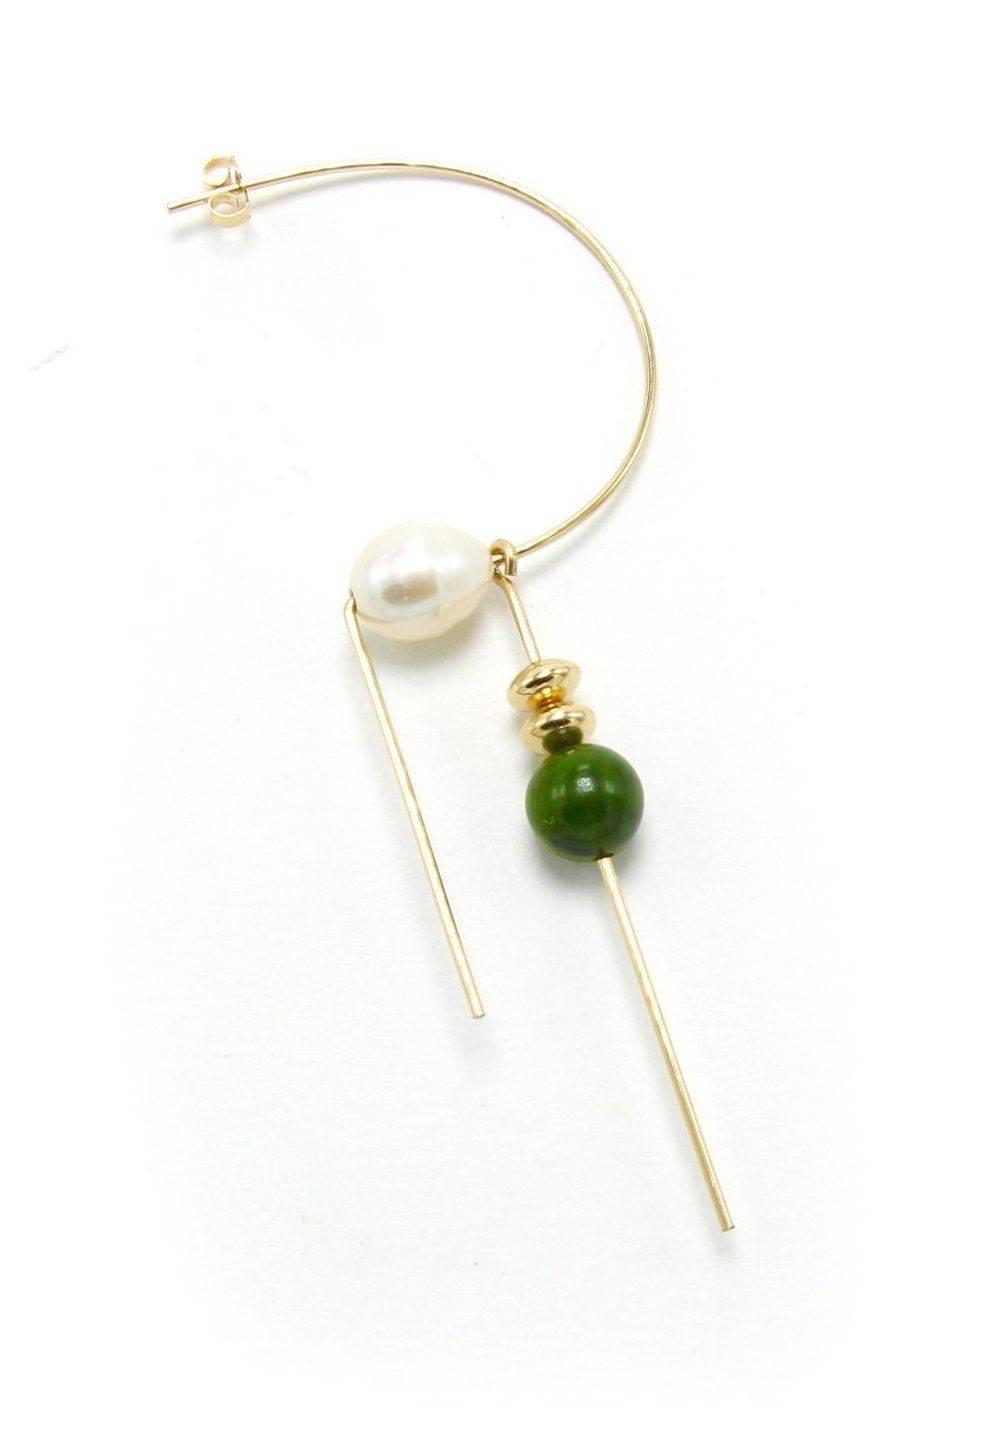 ideas diy jewelry-325736985546582654